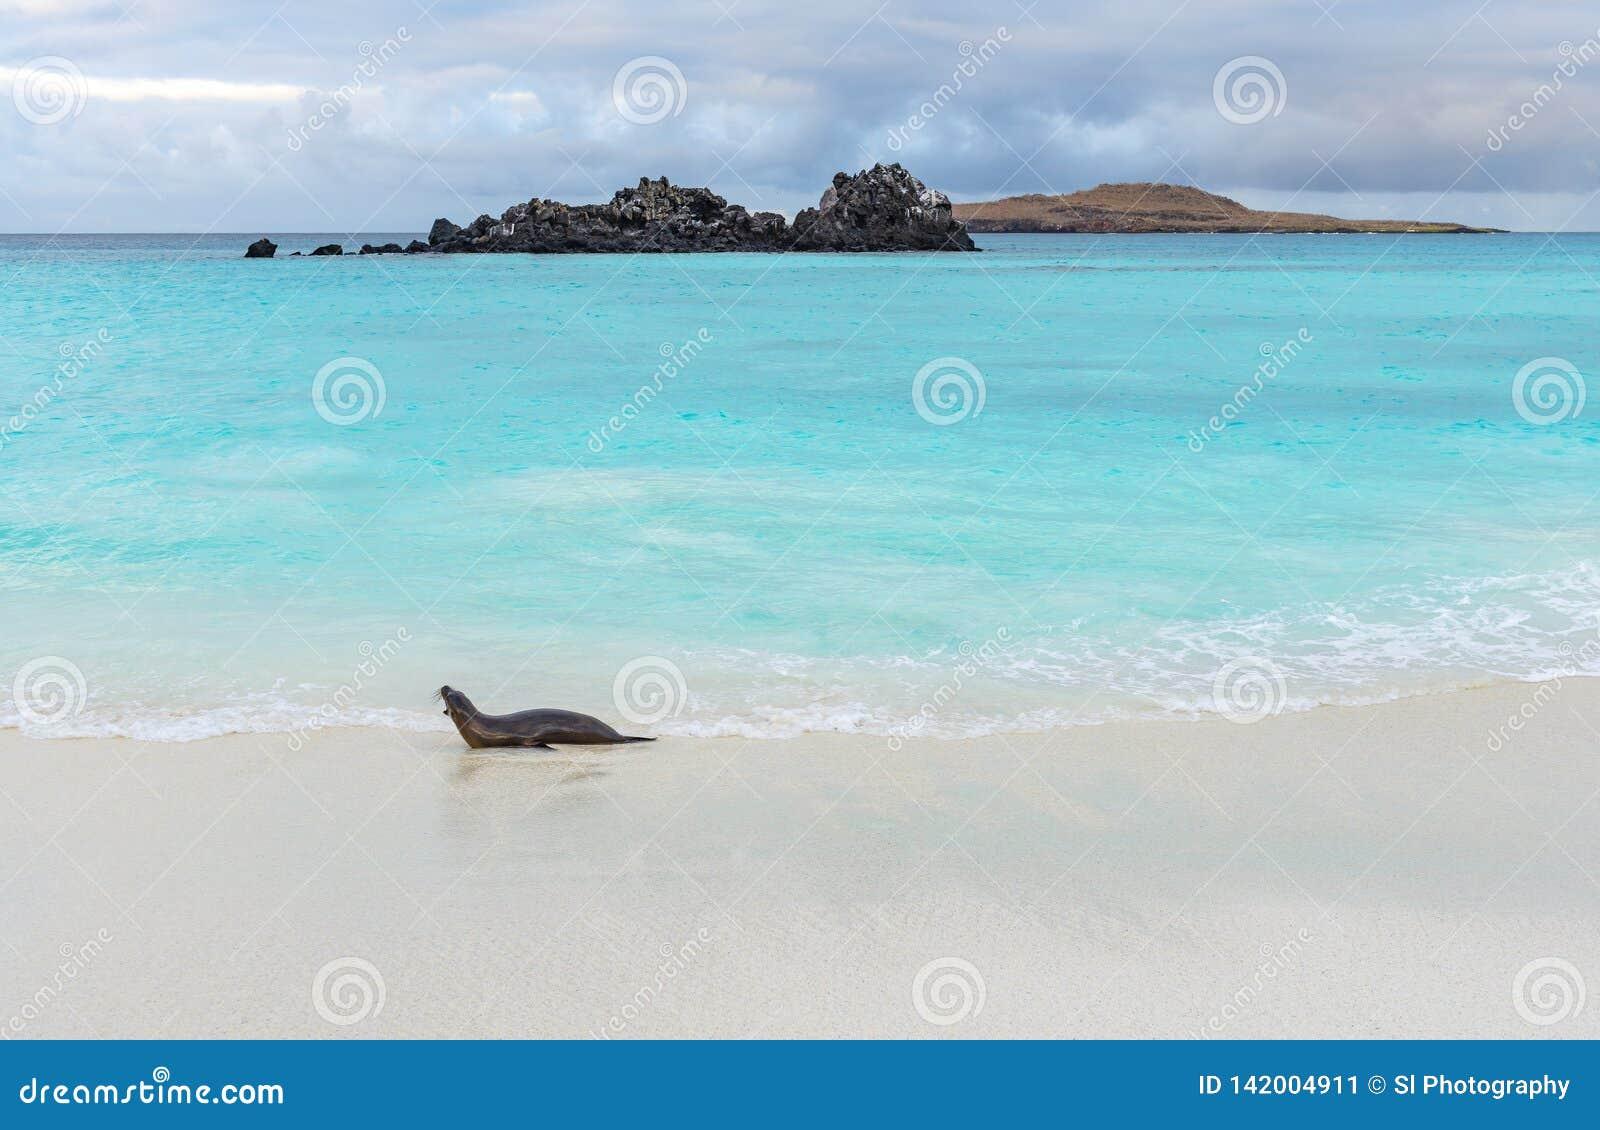 Galapagos-Seelöwe, Galapagos-Inseln, Ecuador